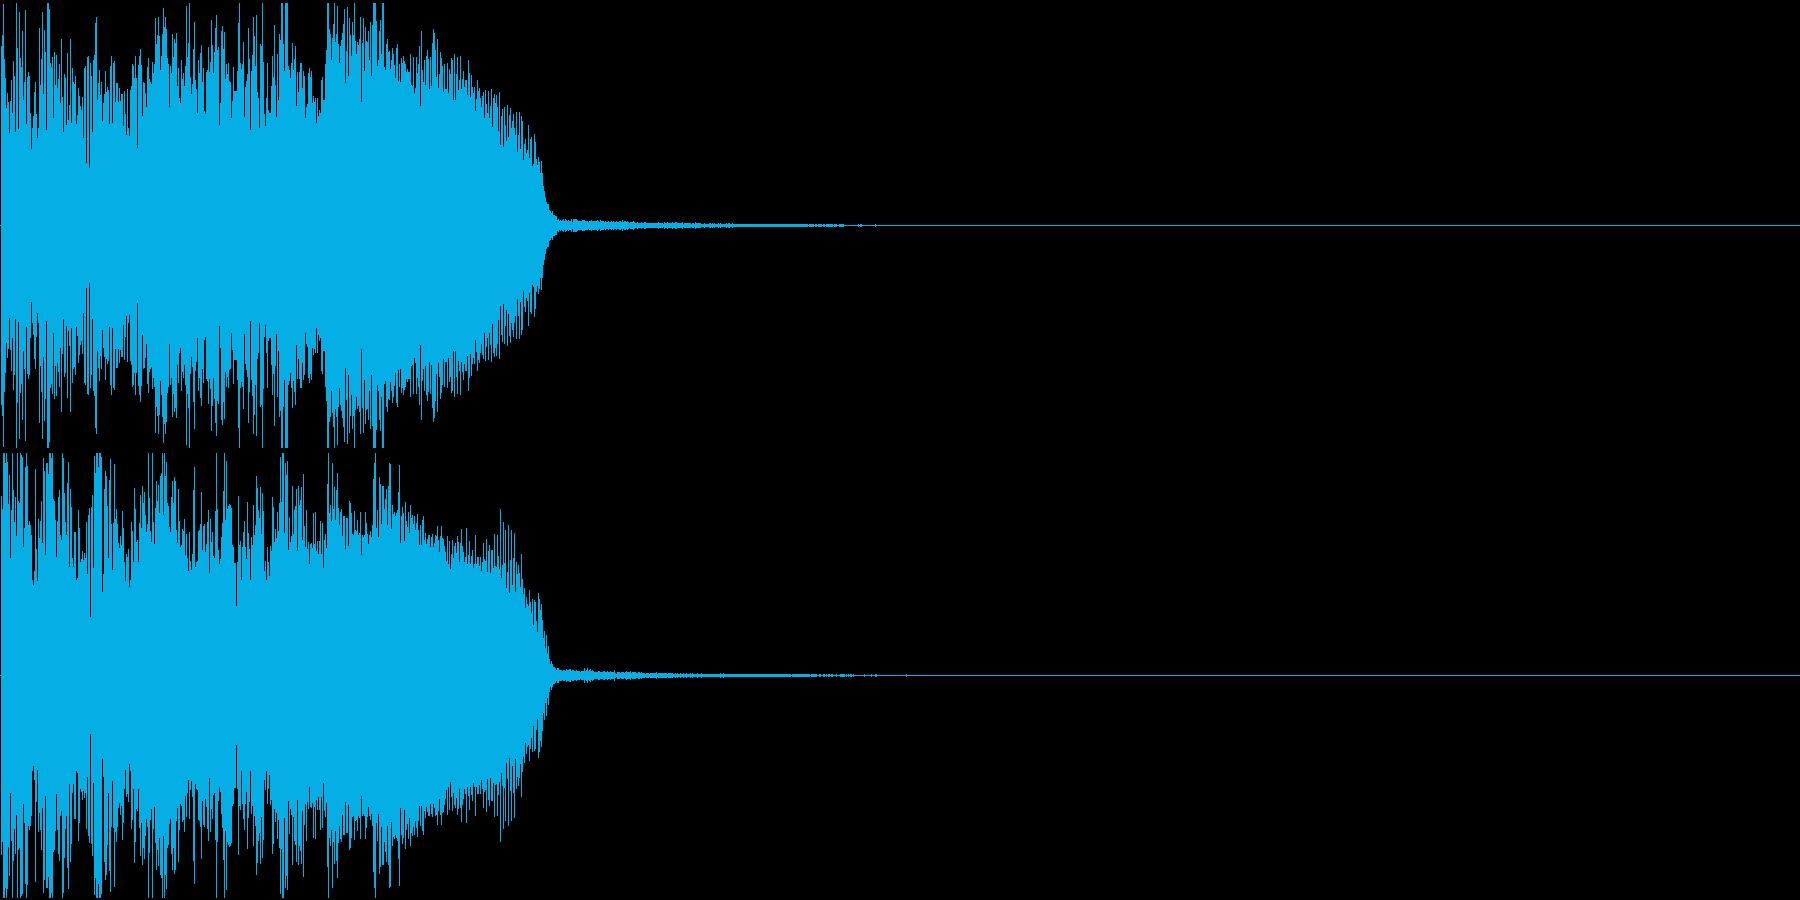 シーン移行ロックフレーズの再生済みの波形